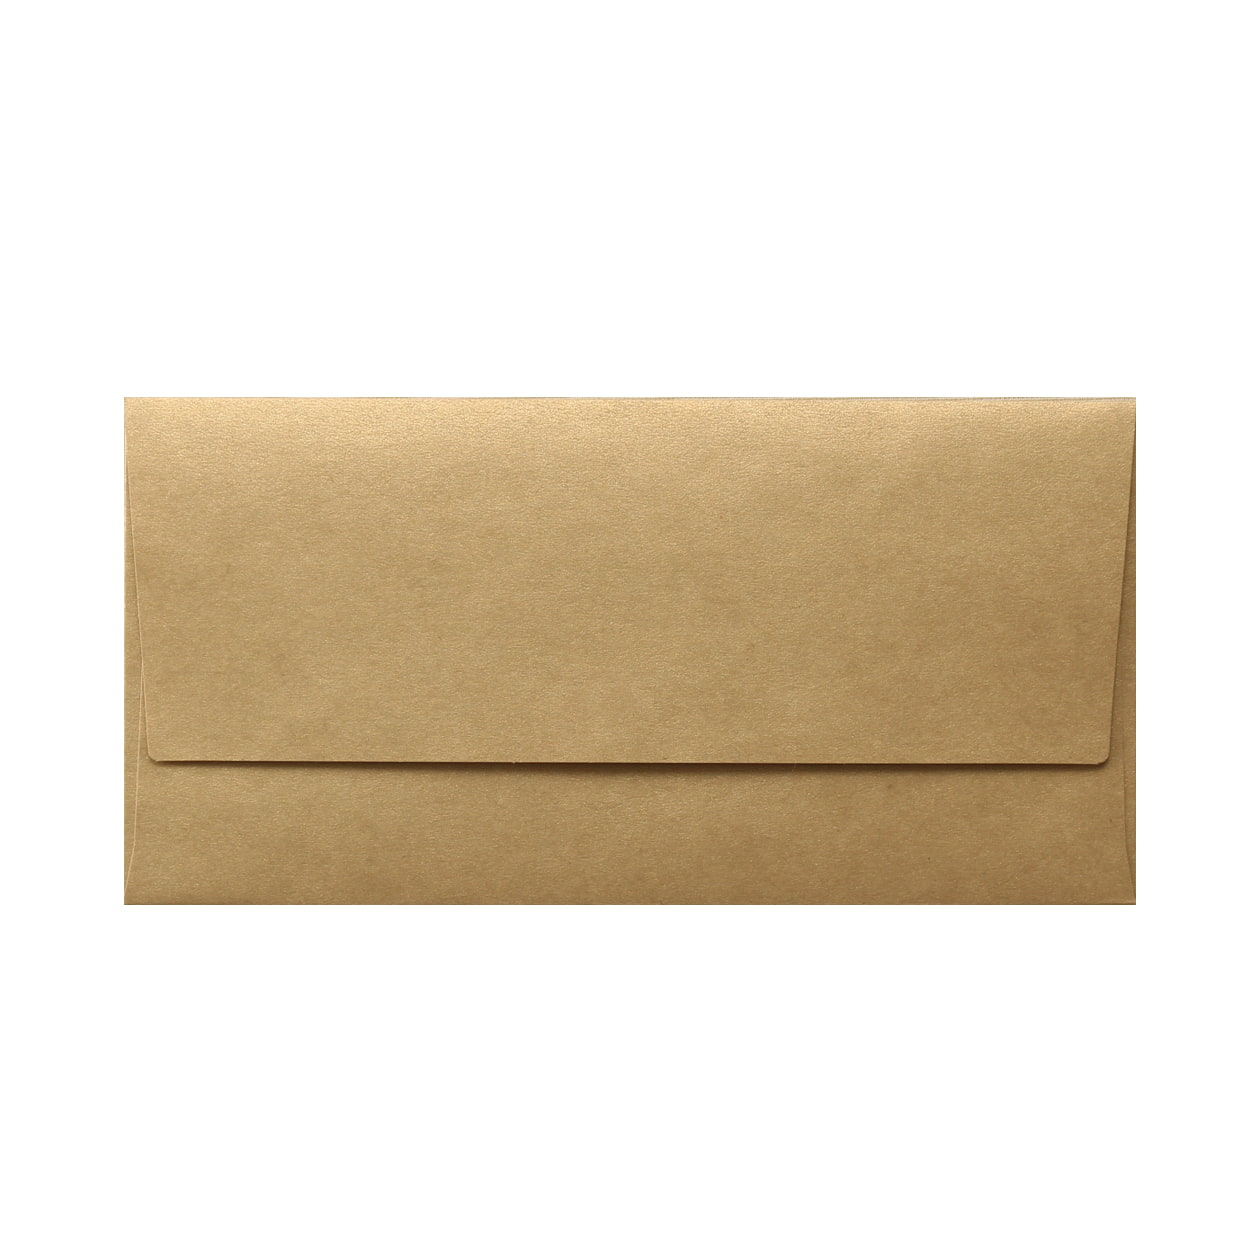 サンプル 封筒・袋 00019